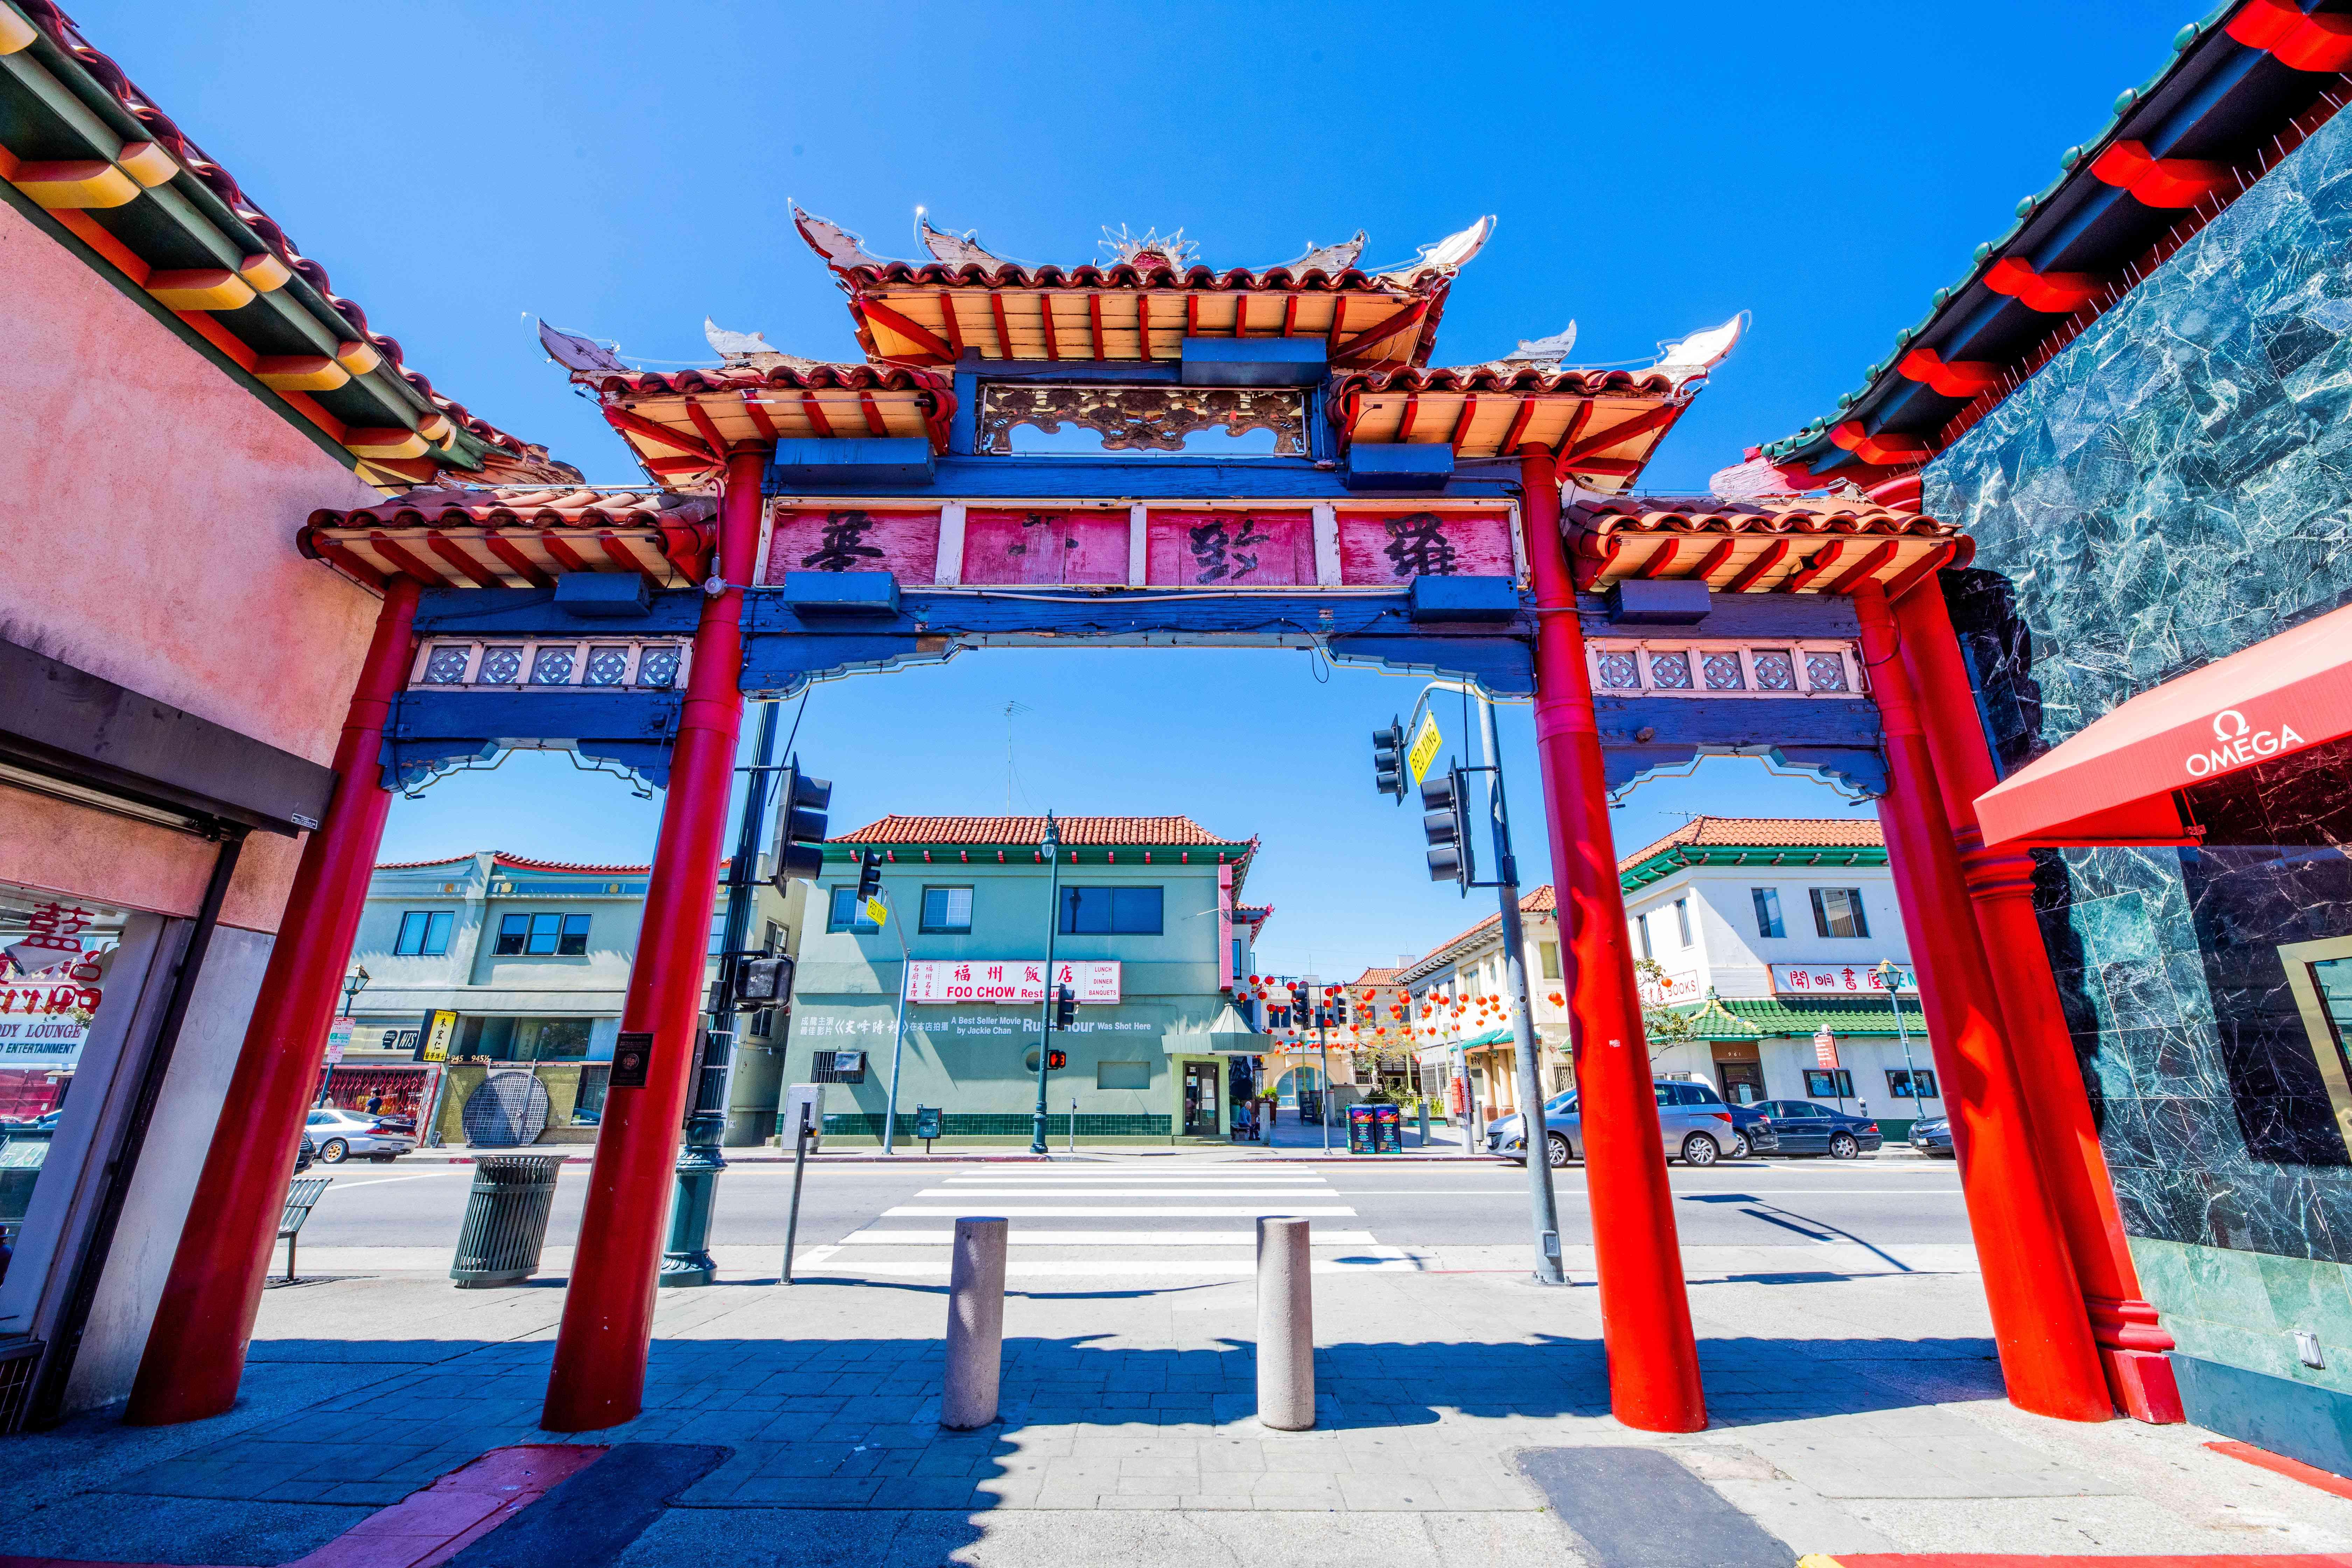 Arches in LA's chinatown